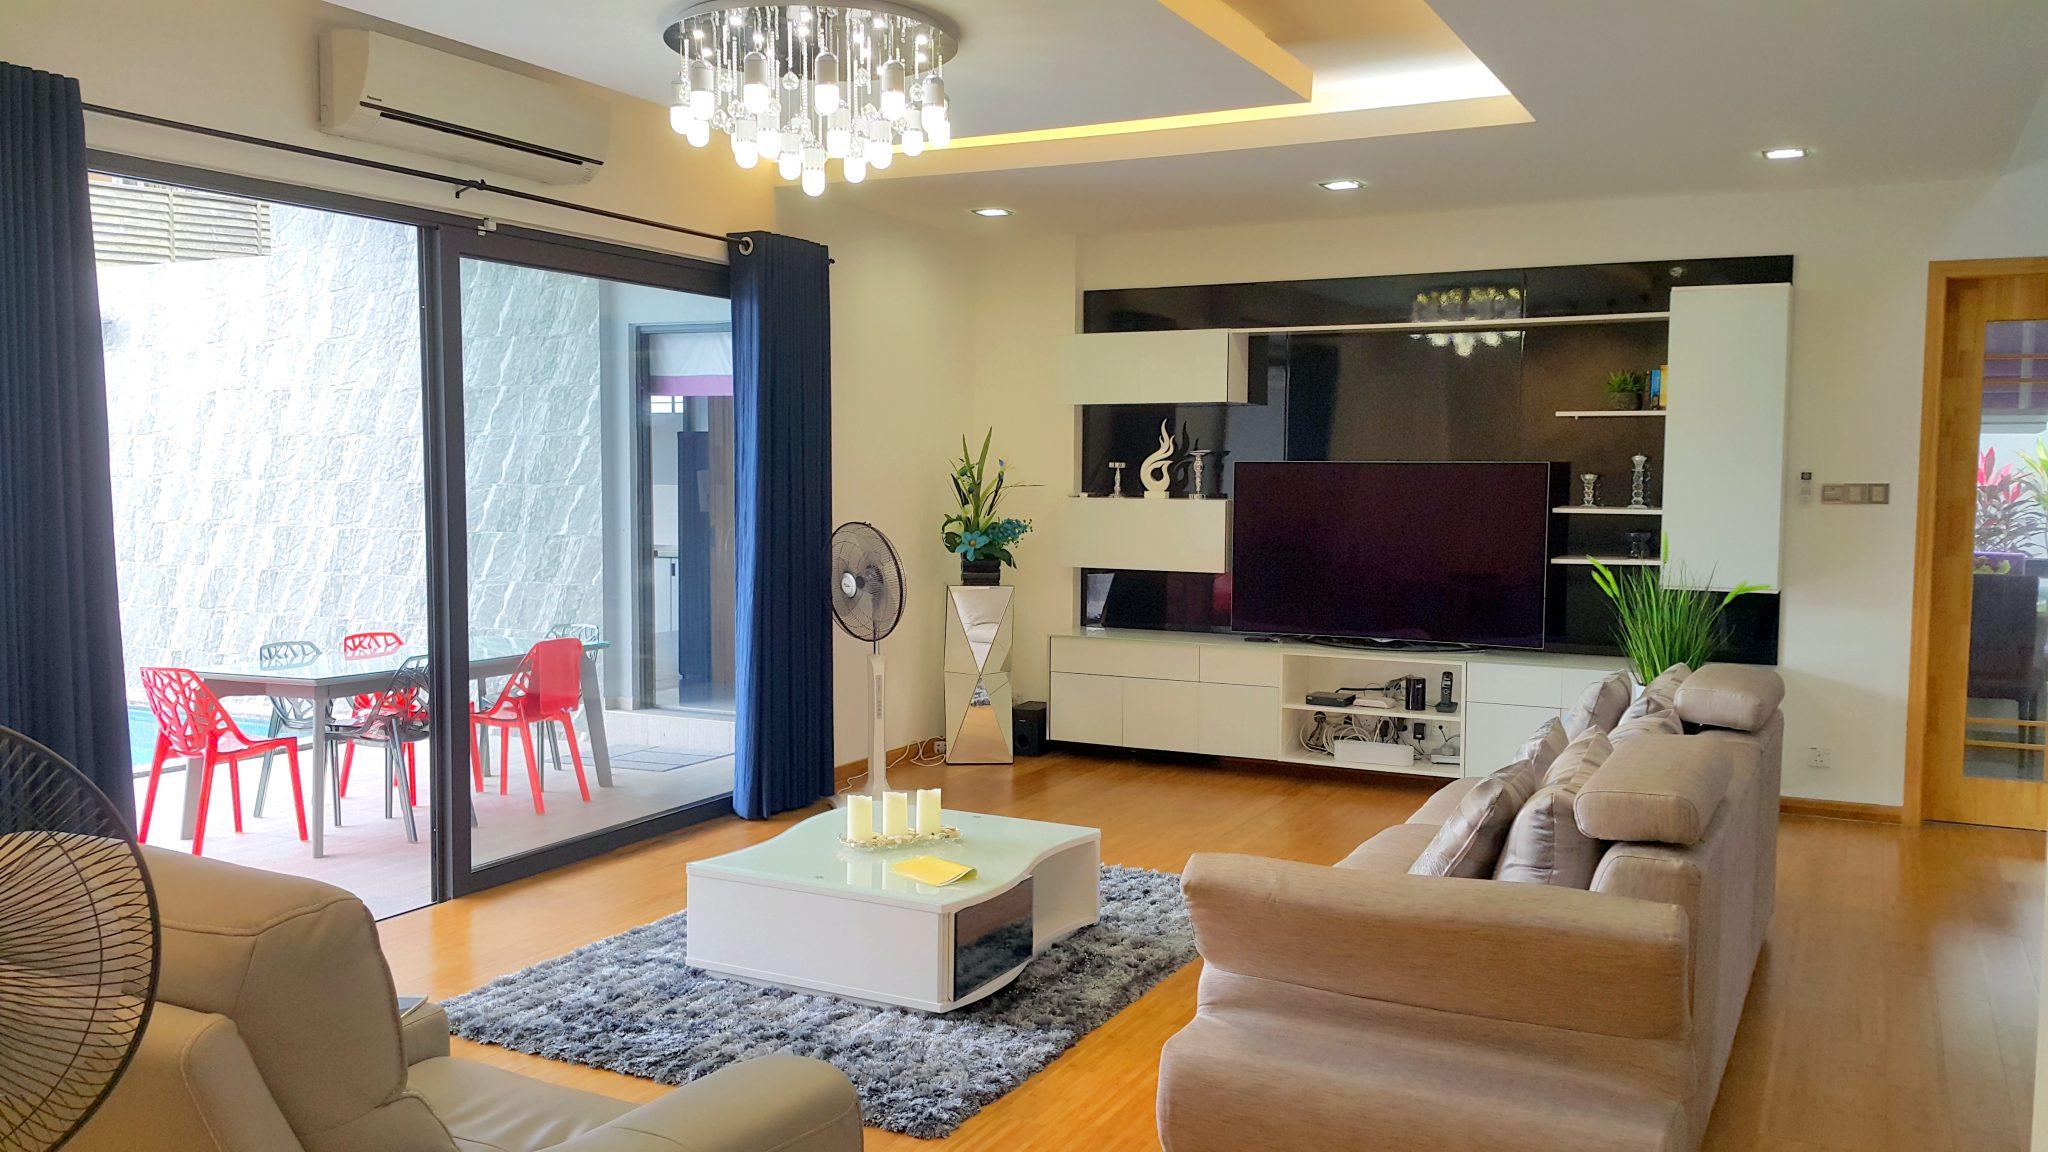 99 Home Design Seksyen 9 Puchong